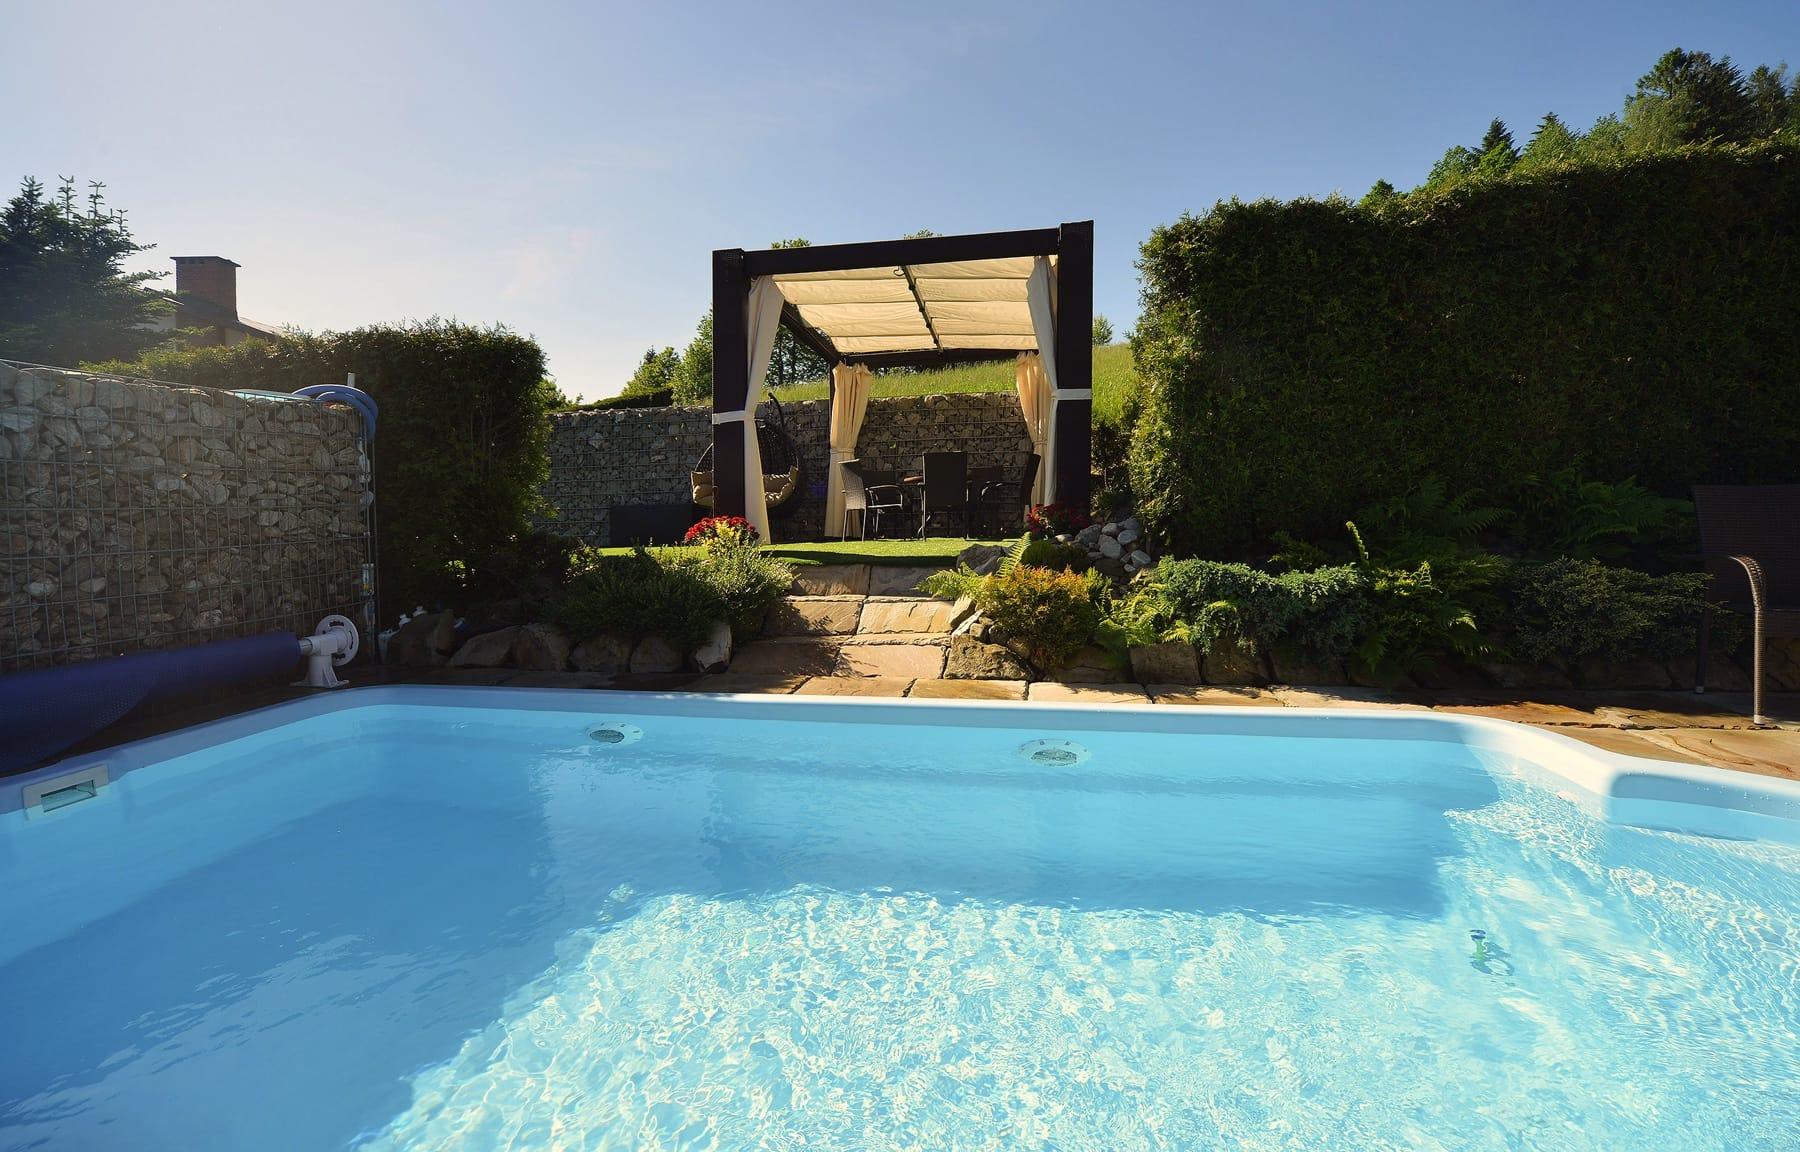 Zdjęcie basenu oraz Altany przy basenie